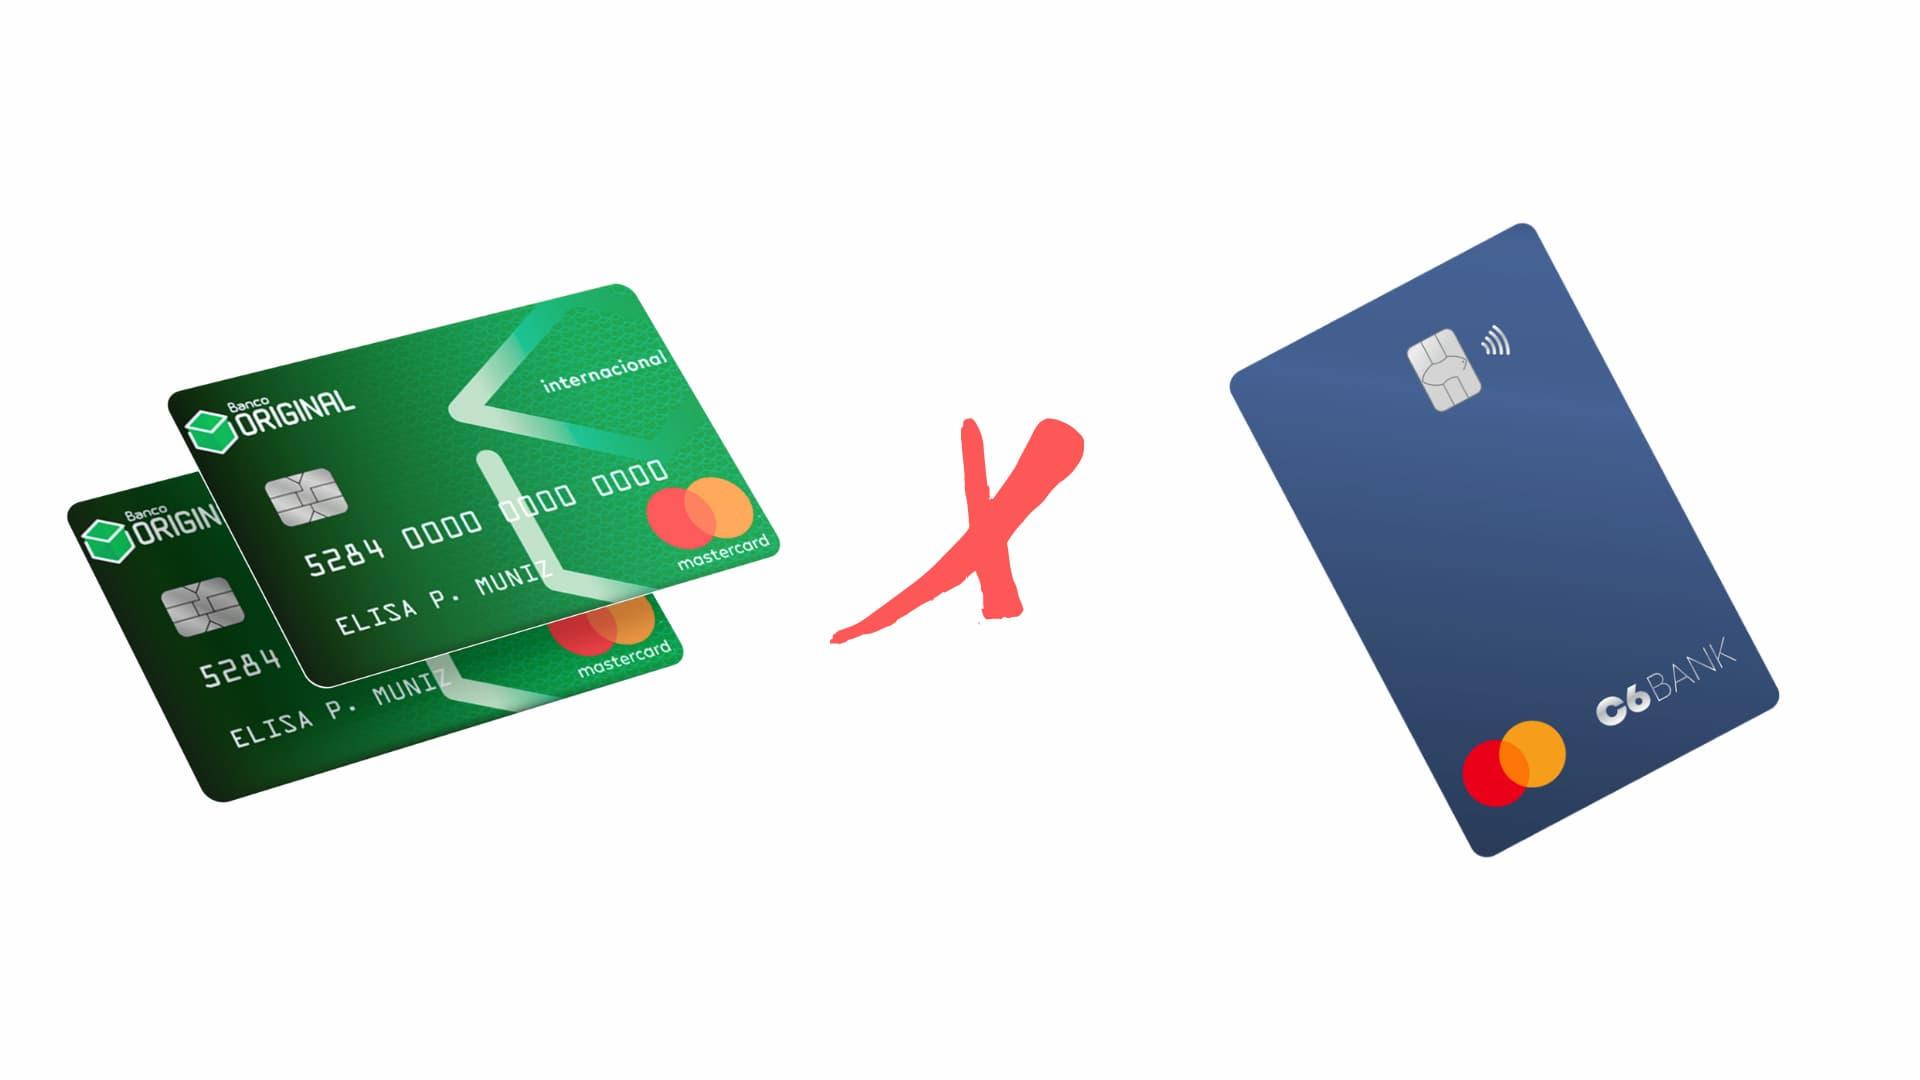 Qual cartao de credito e melhor Original ou C6 Bank2 - Qual cartão de crédito é melhor Original ou C6 Bank